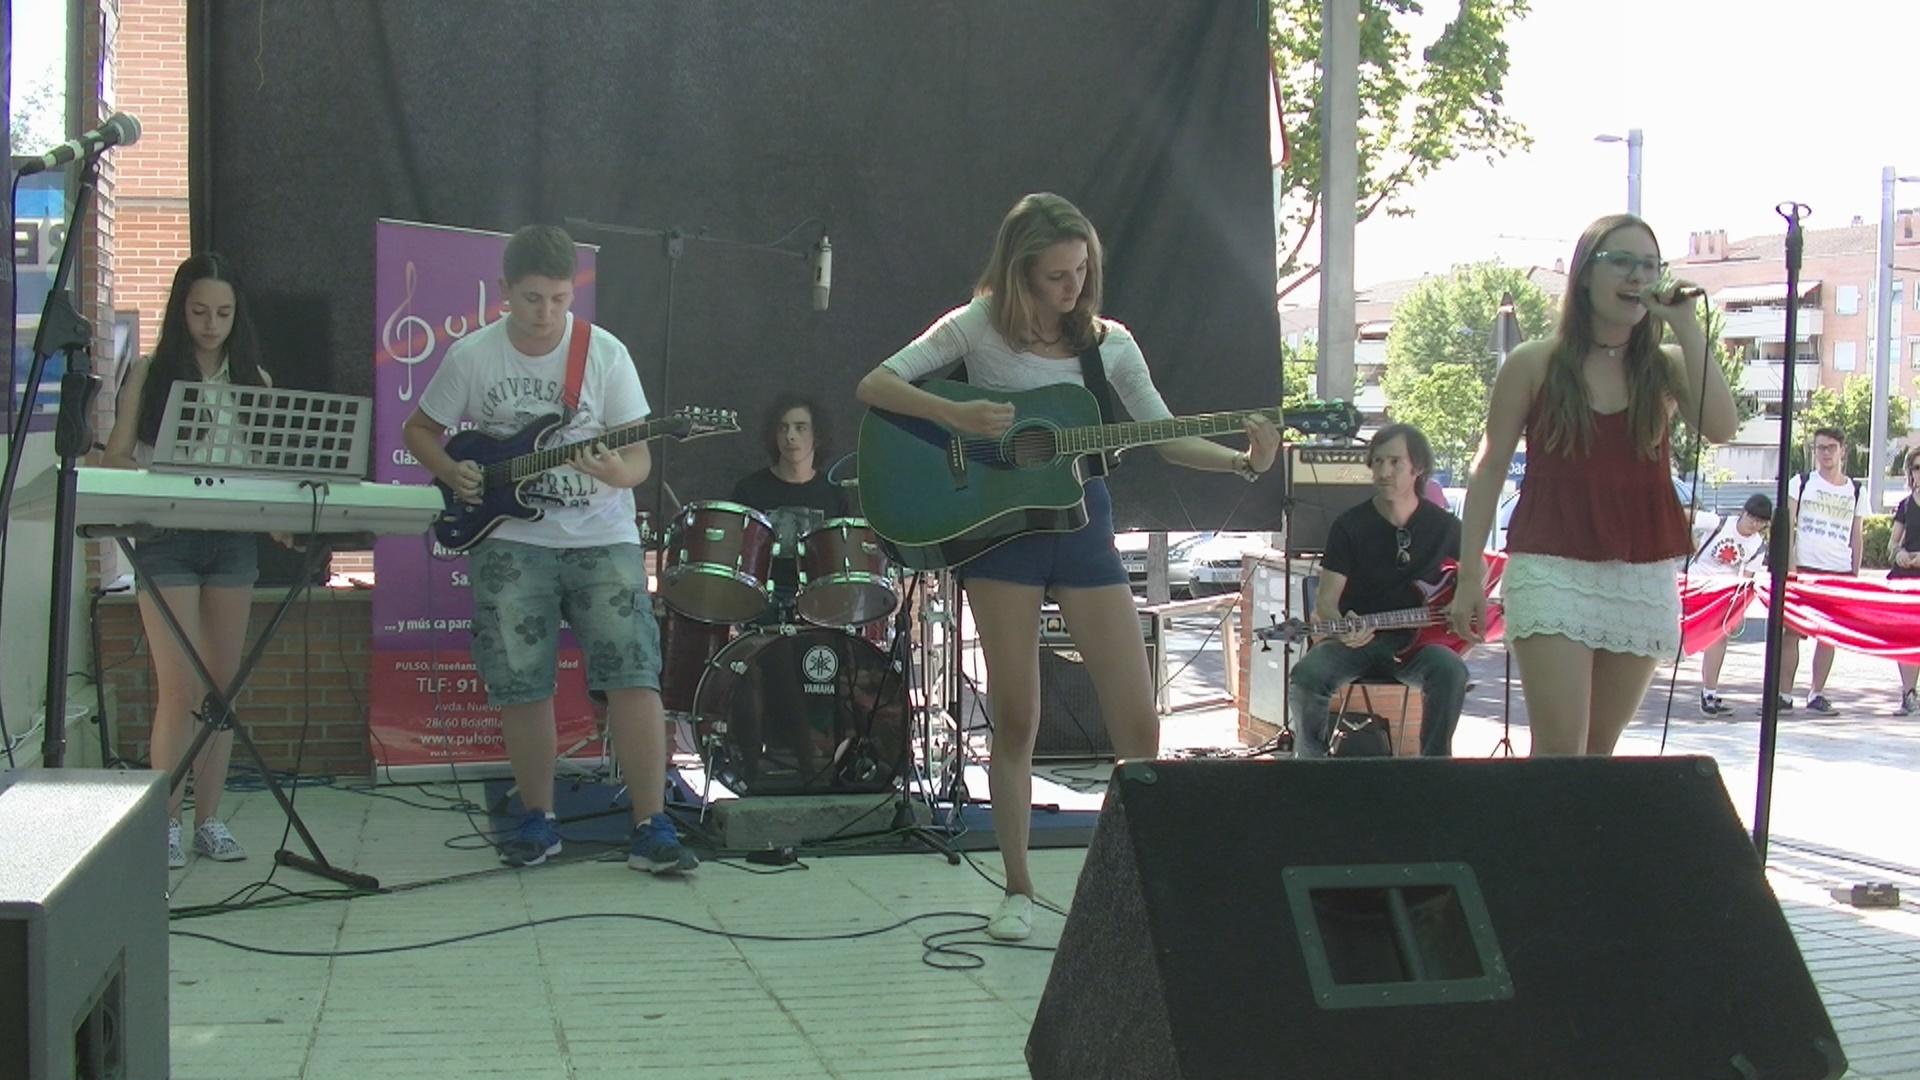 Concierto en la calle de los alumnos de la escuela de música Pulso